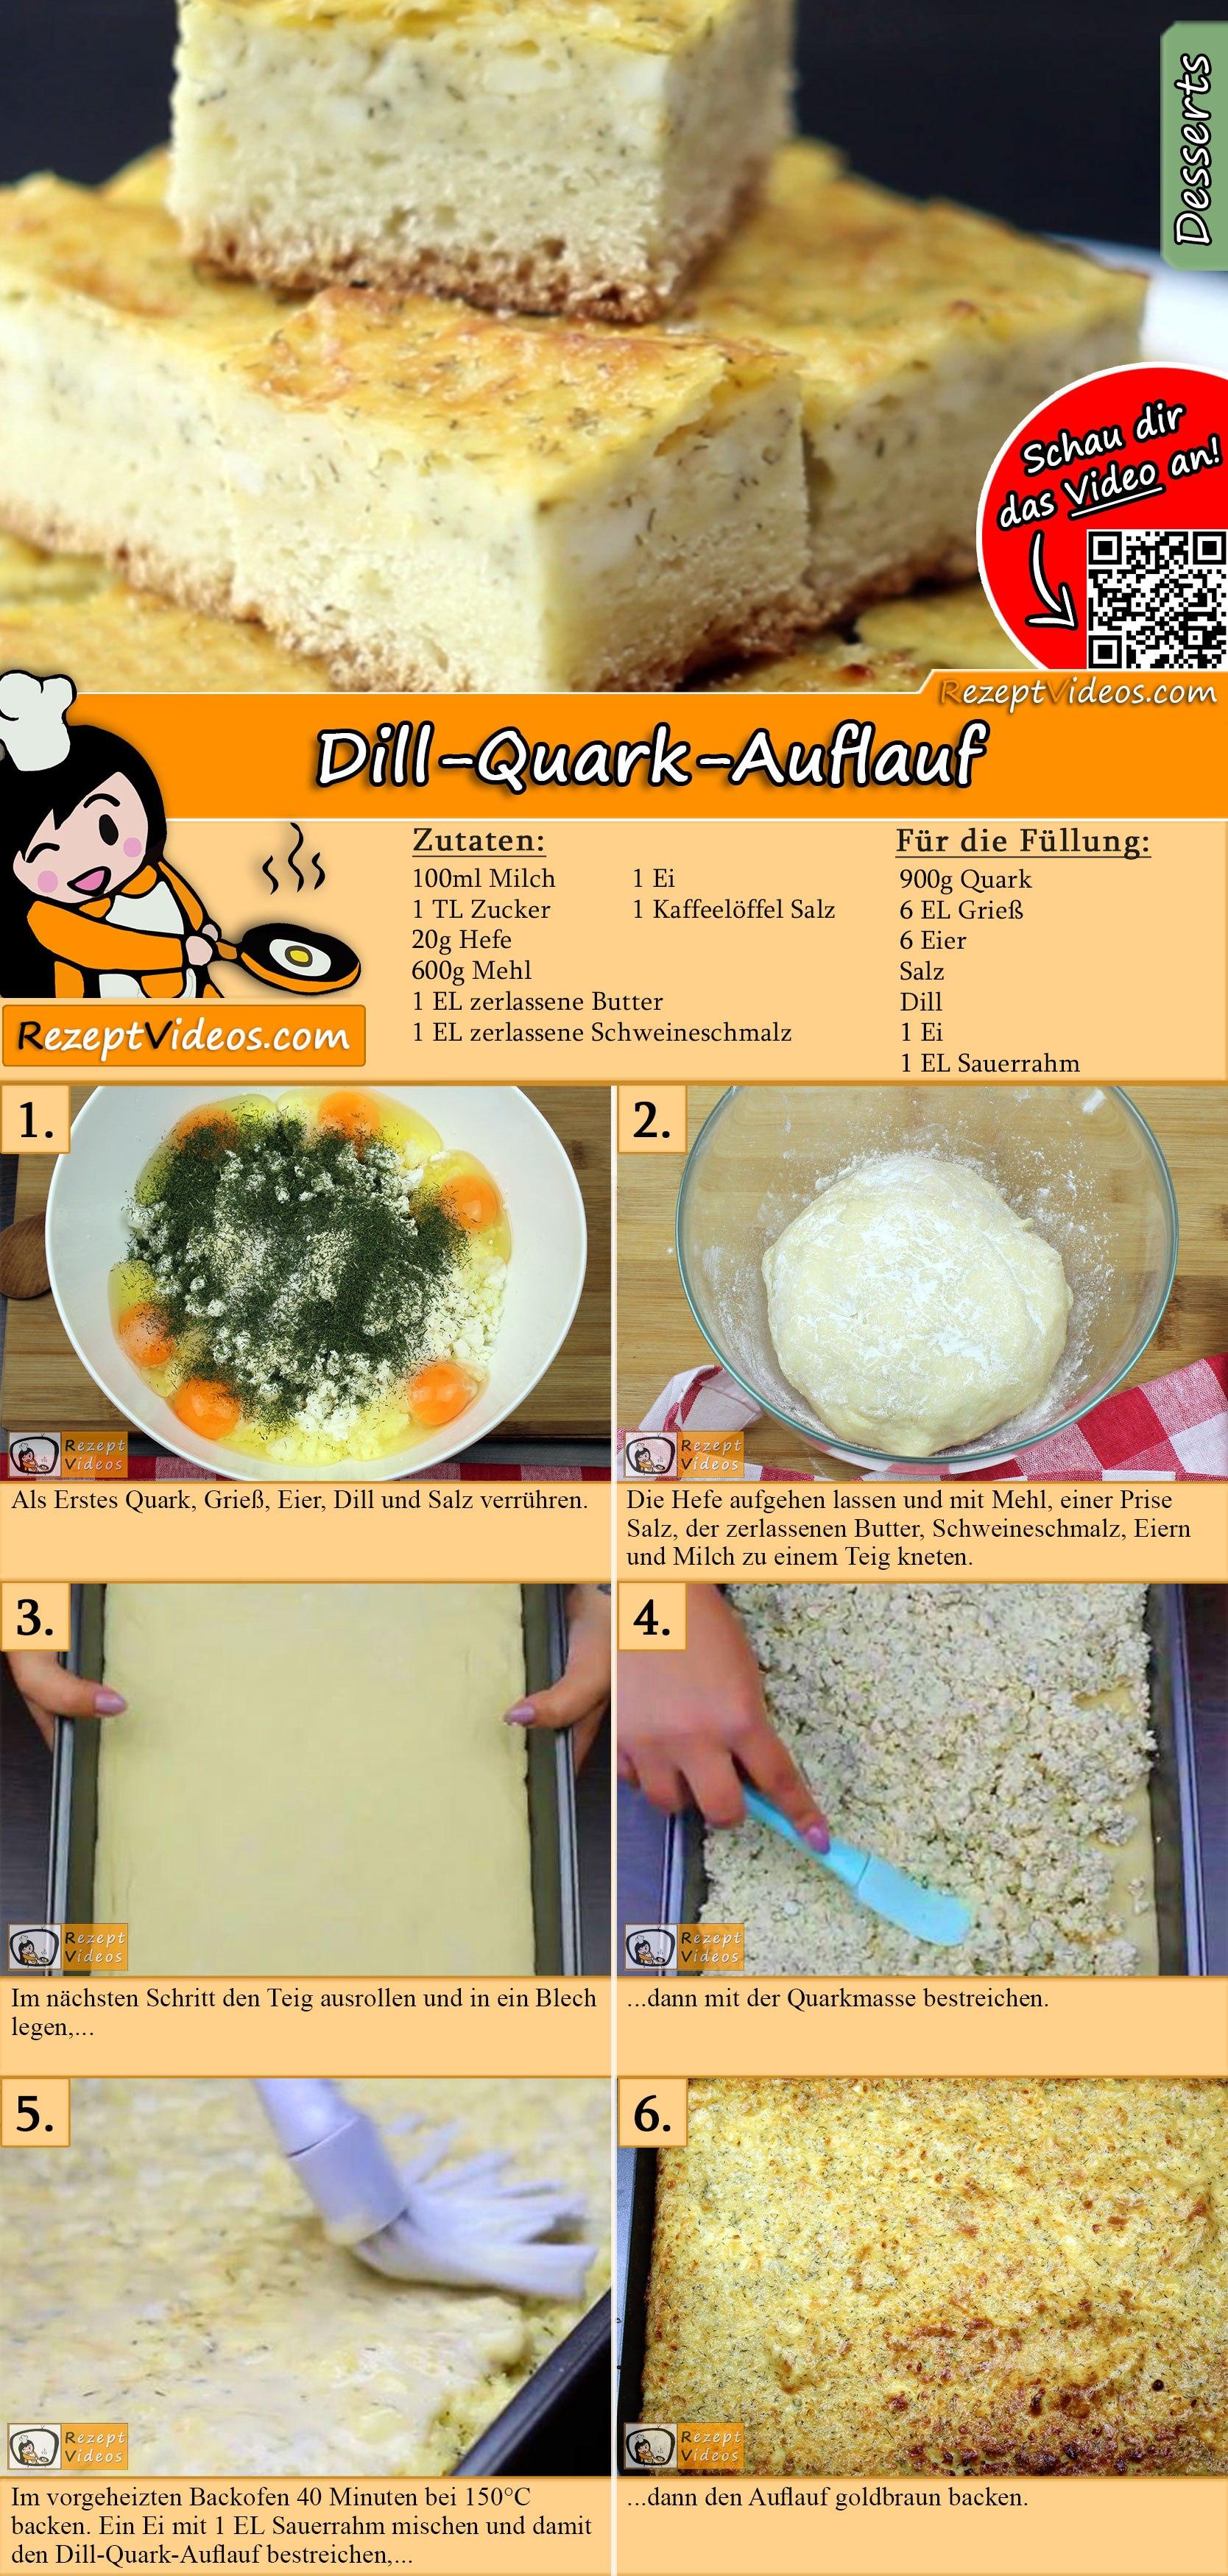 Dill-Quark-Auflauf Rezept mit Video